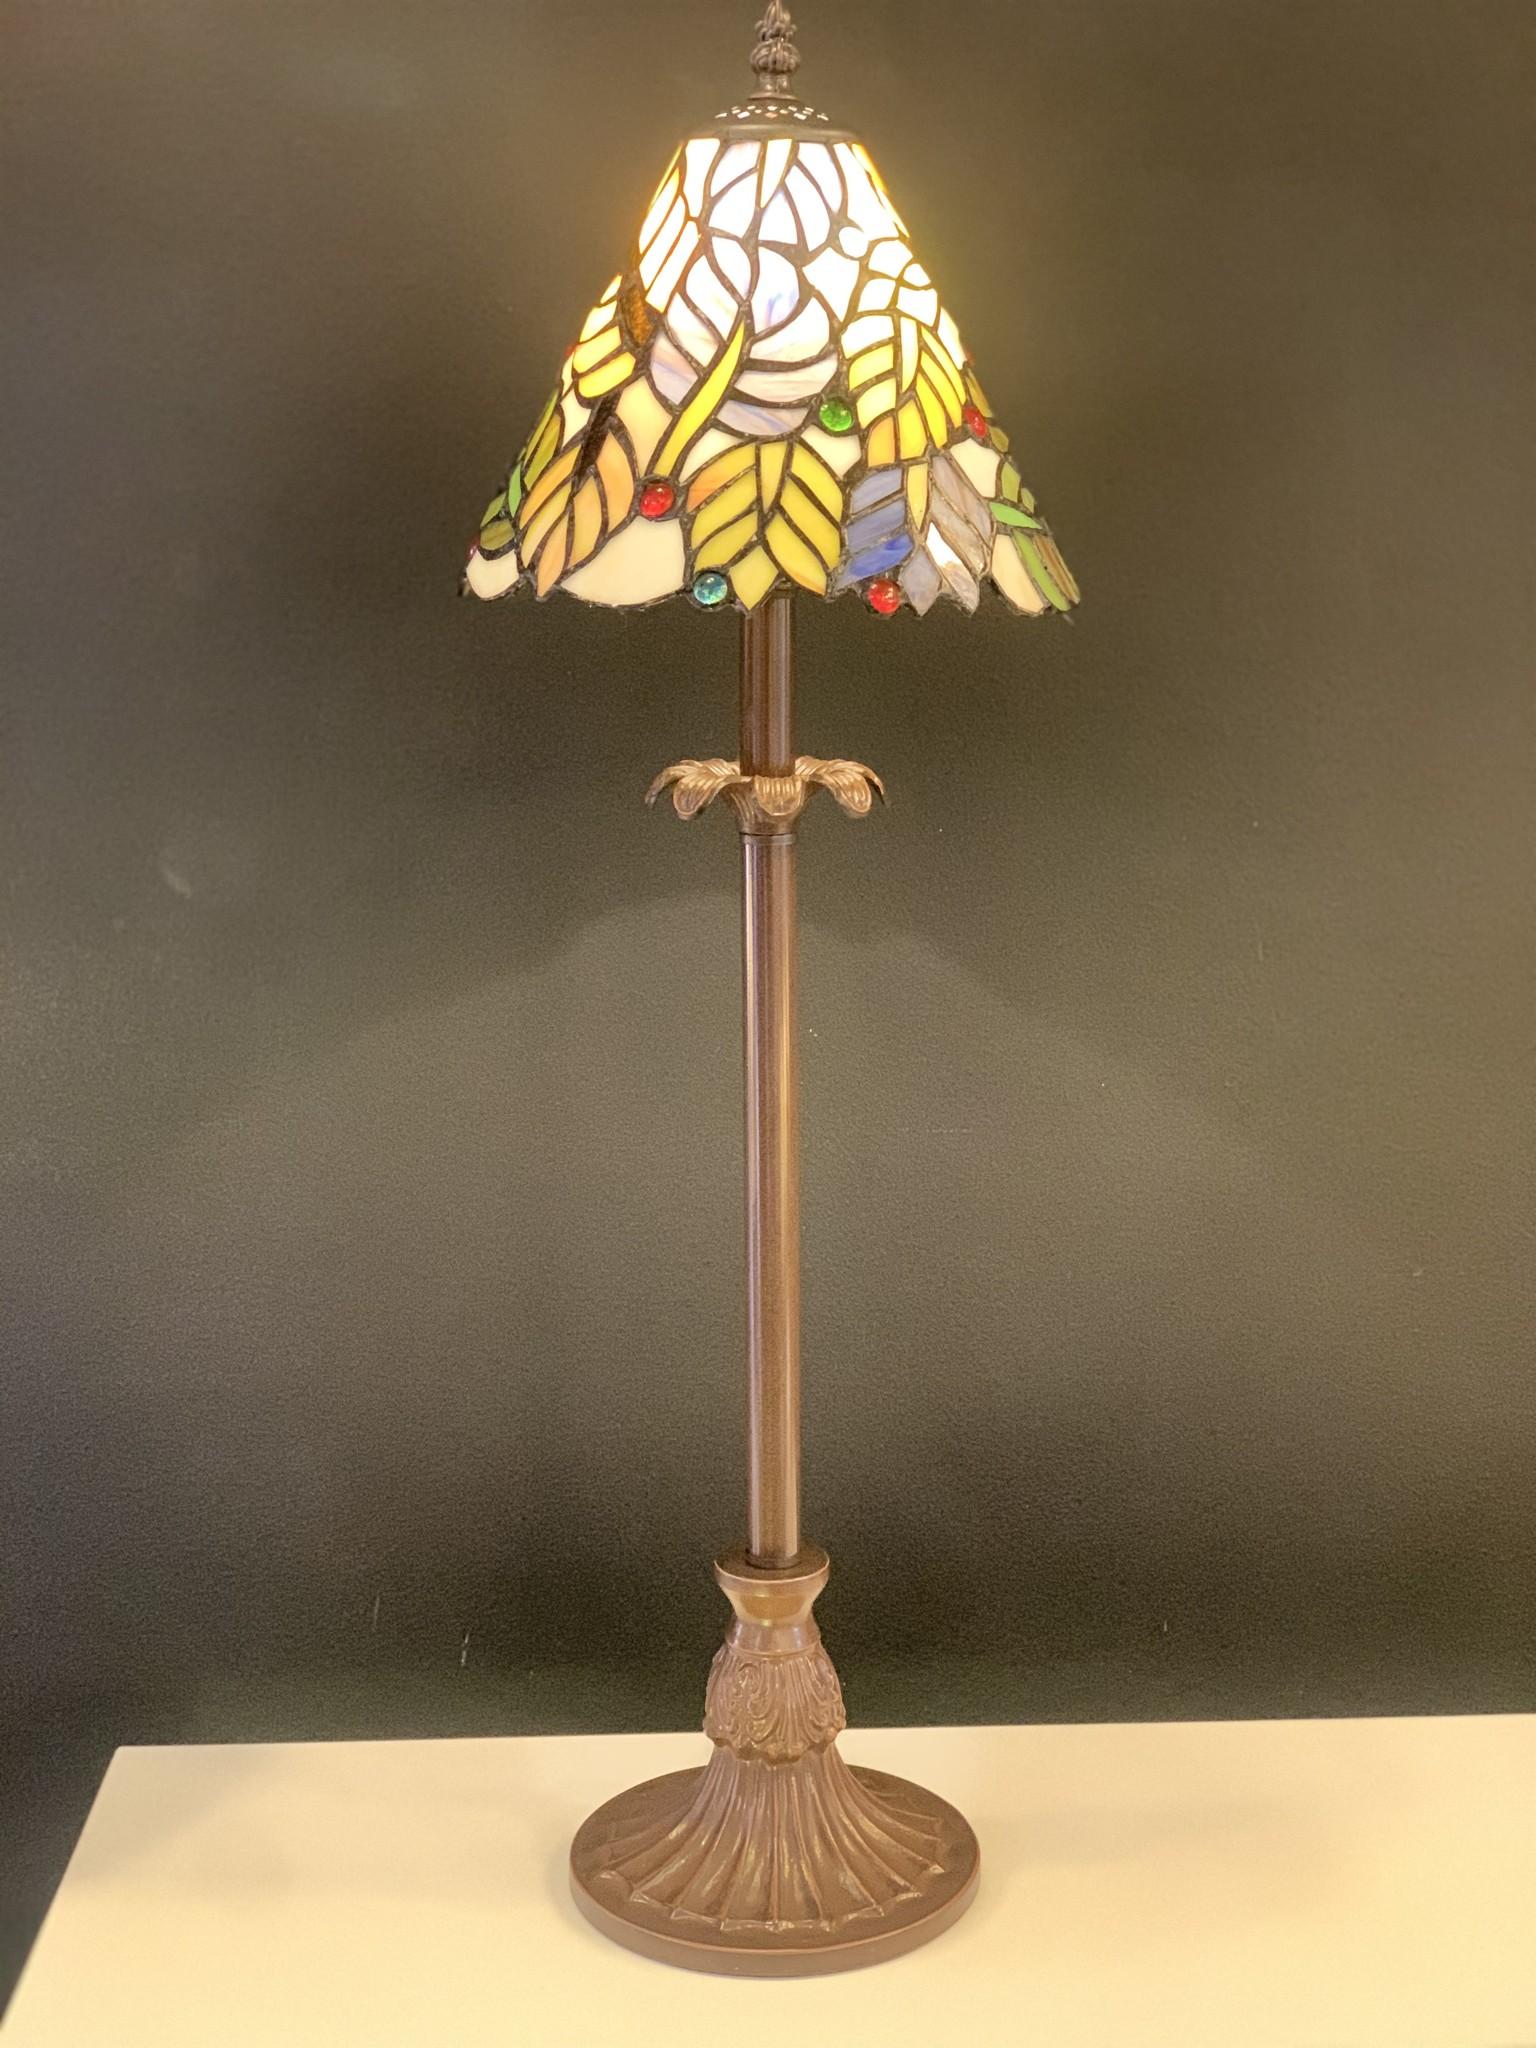 RoMaLux D10096 Tiffany Tafellamp Hoog